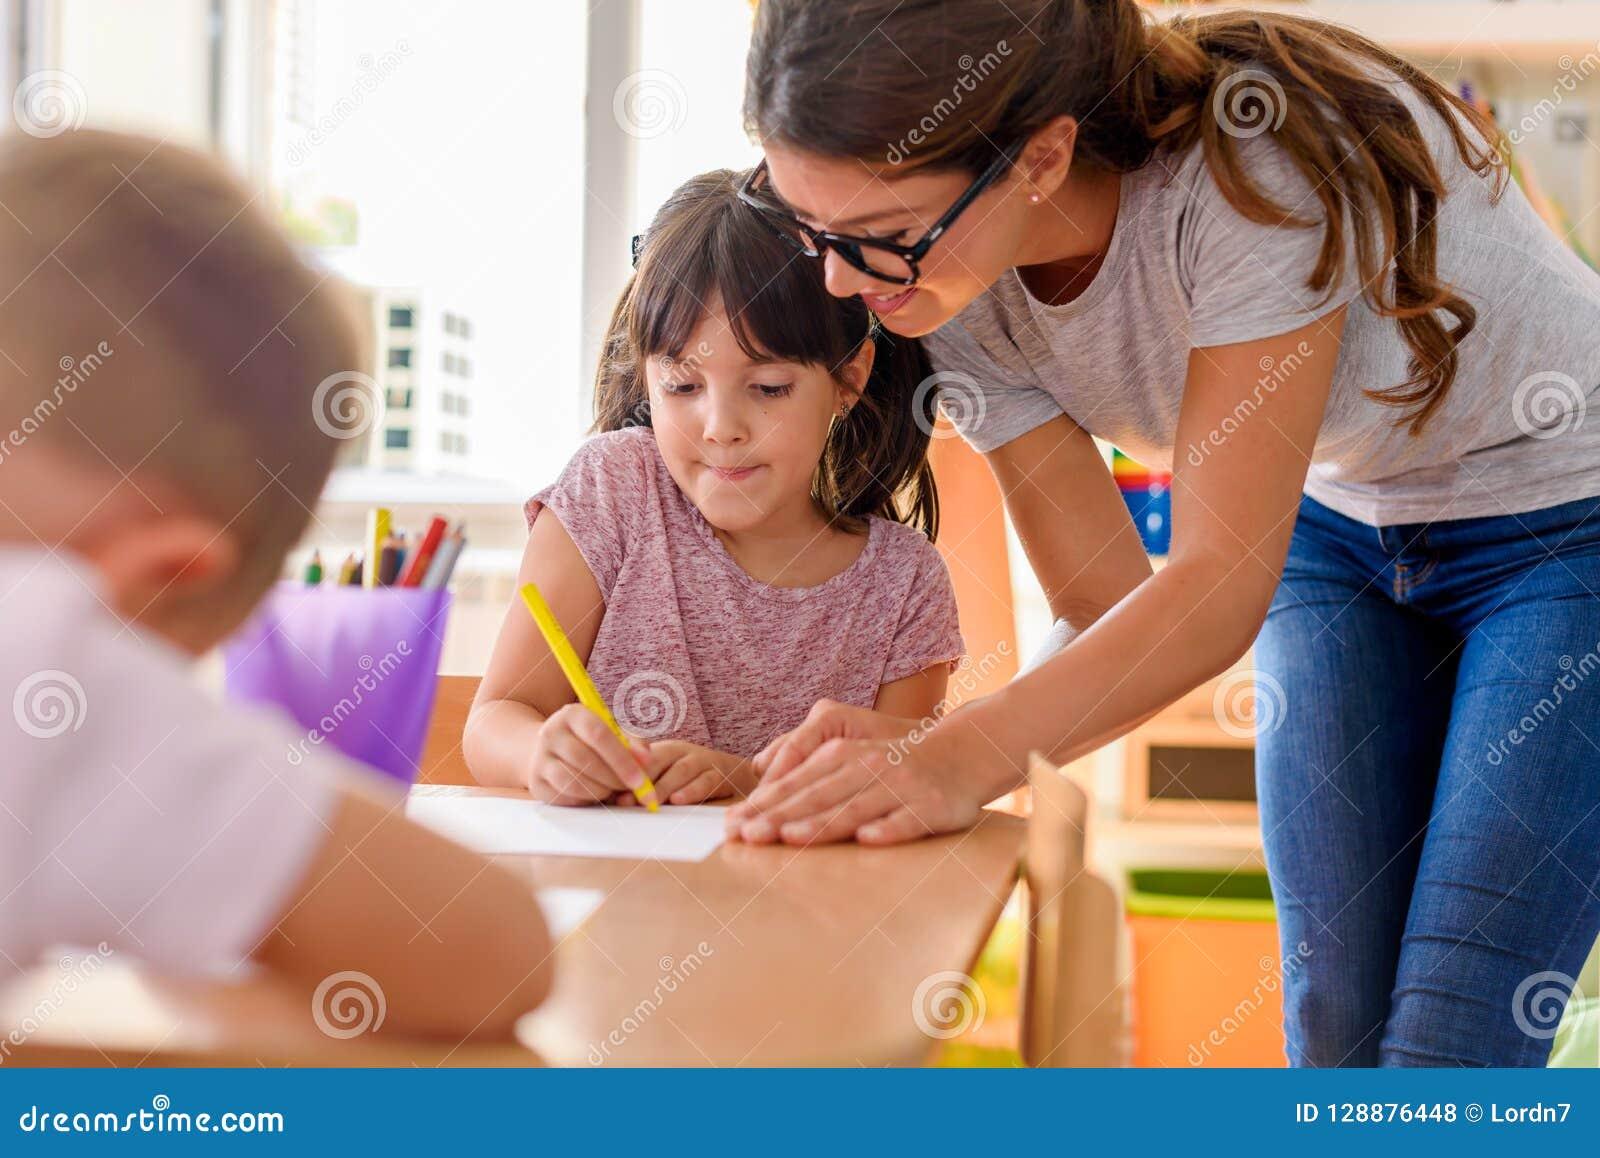 Preschool teacher looking at smart child at kindergarten